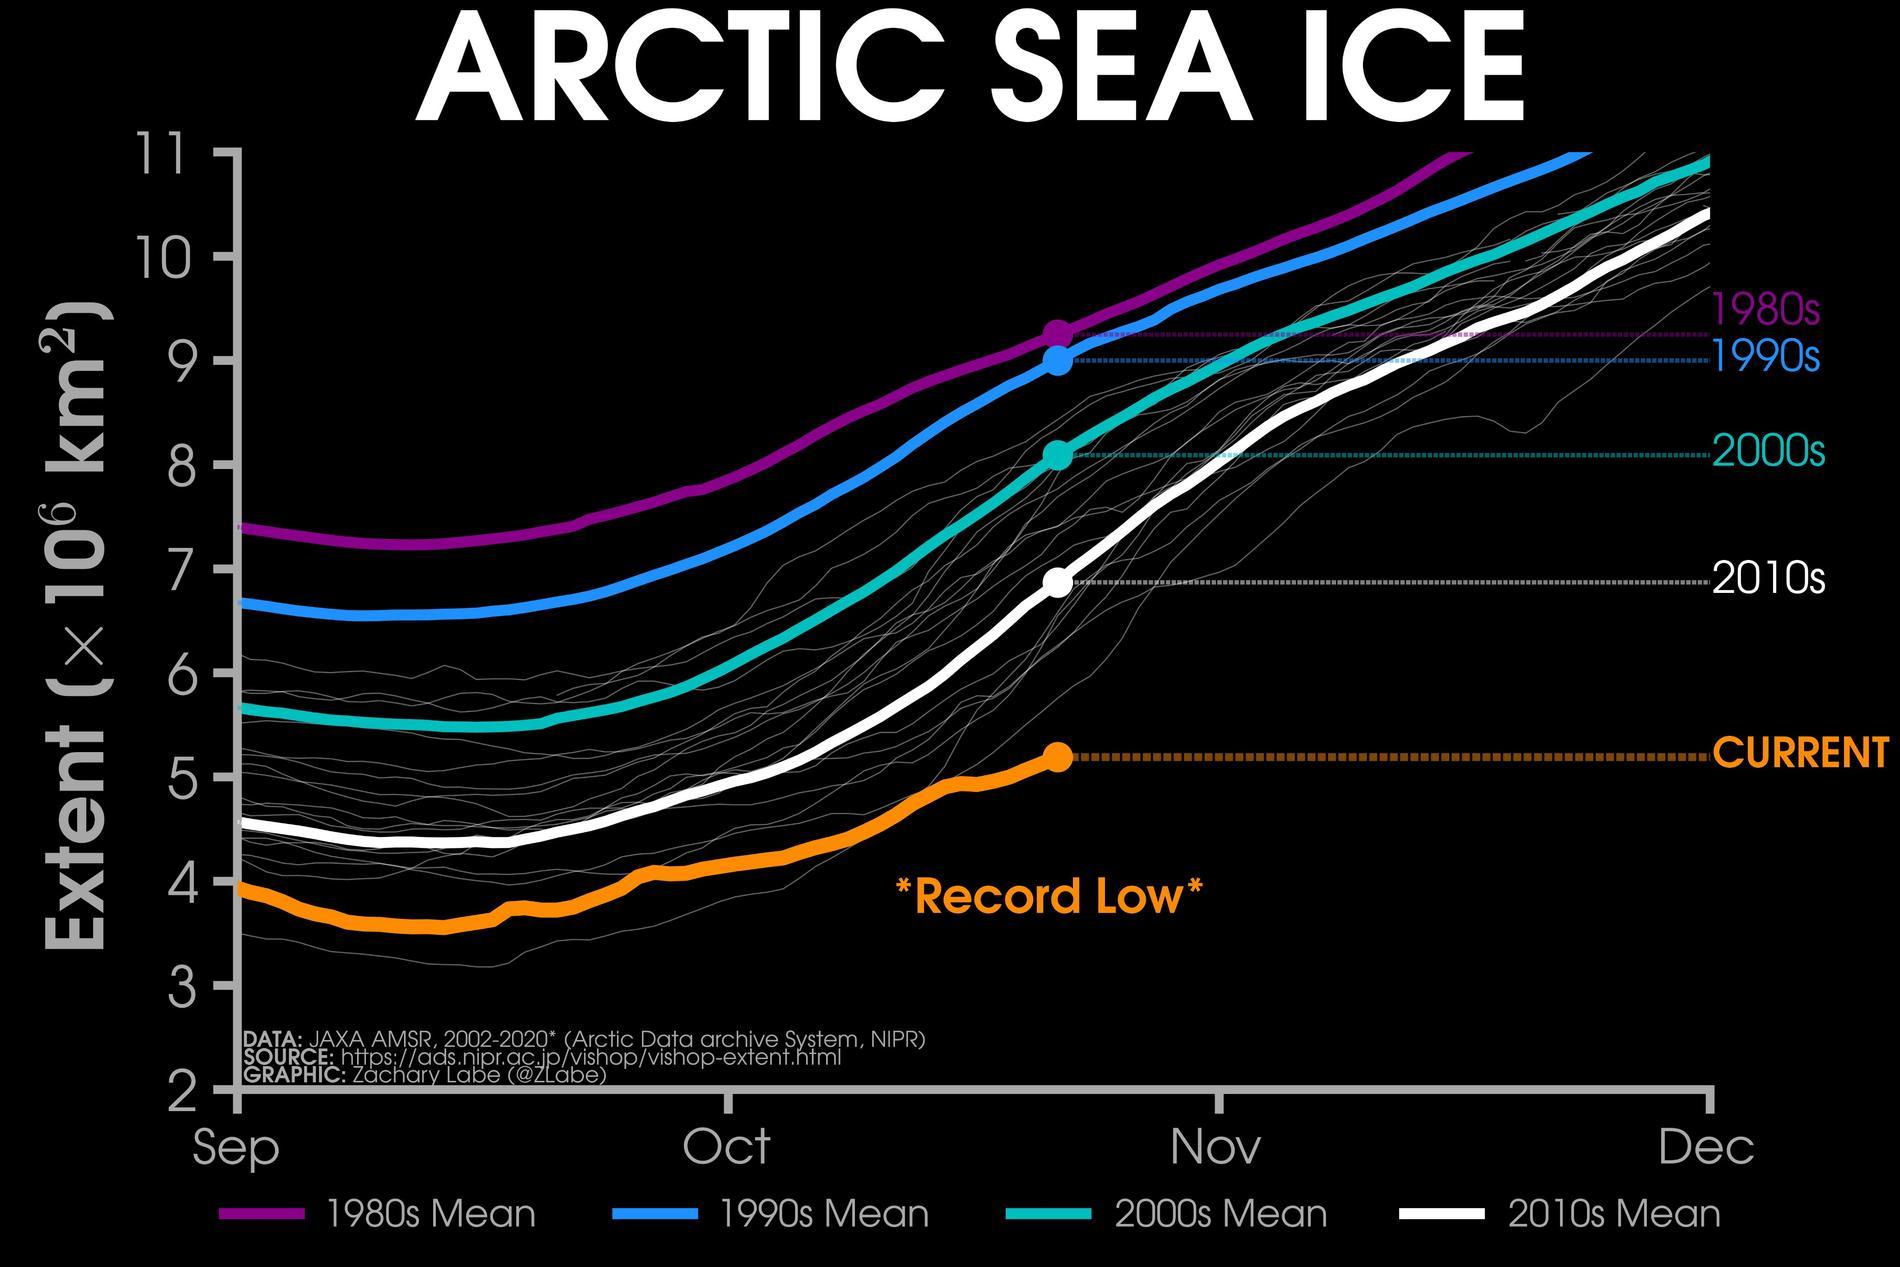 2020 mäts upp som ett rekorddåligt isår.